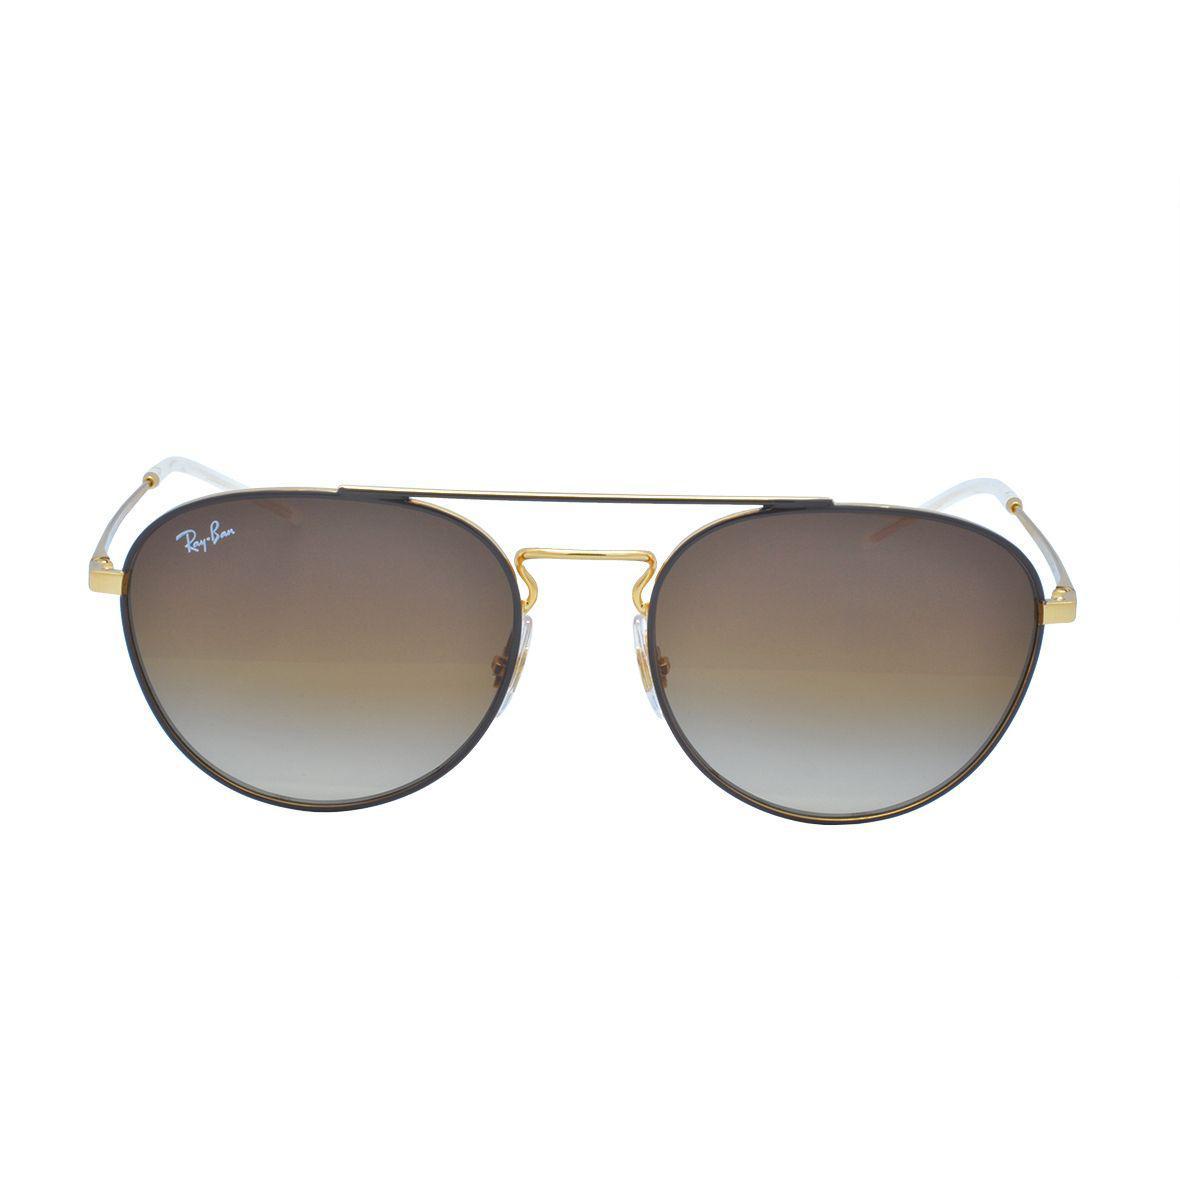 469164da2 Óculos de Sol Ray Ban Unissex RB3589 90551355 - Metal Dourado e Lente  Marrom Degradê R$ 532,00 à vista. Adicionar à sacola